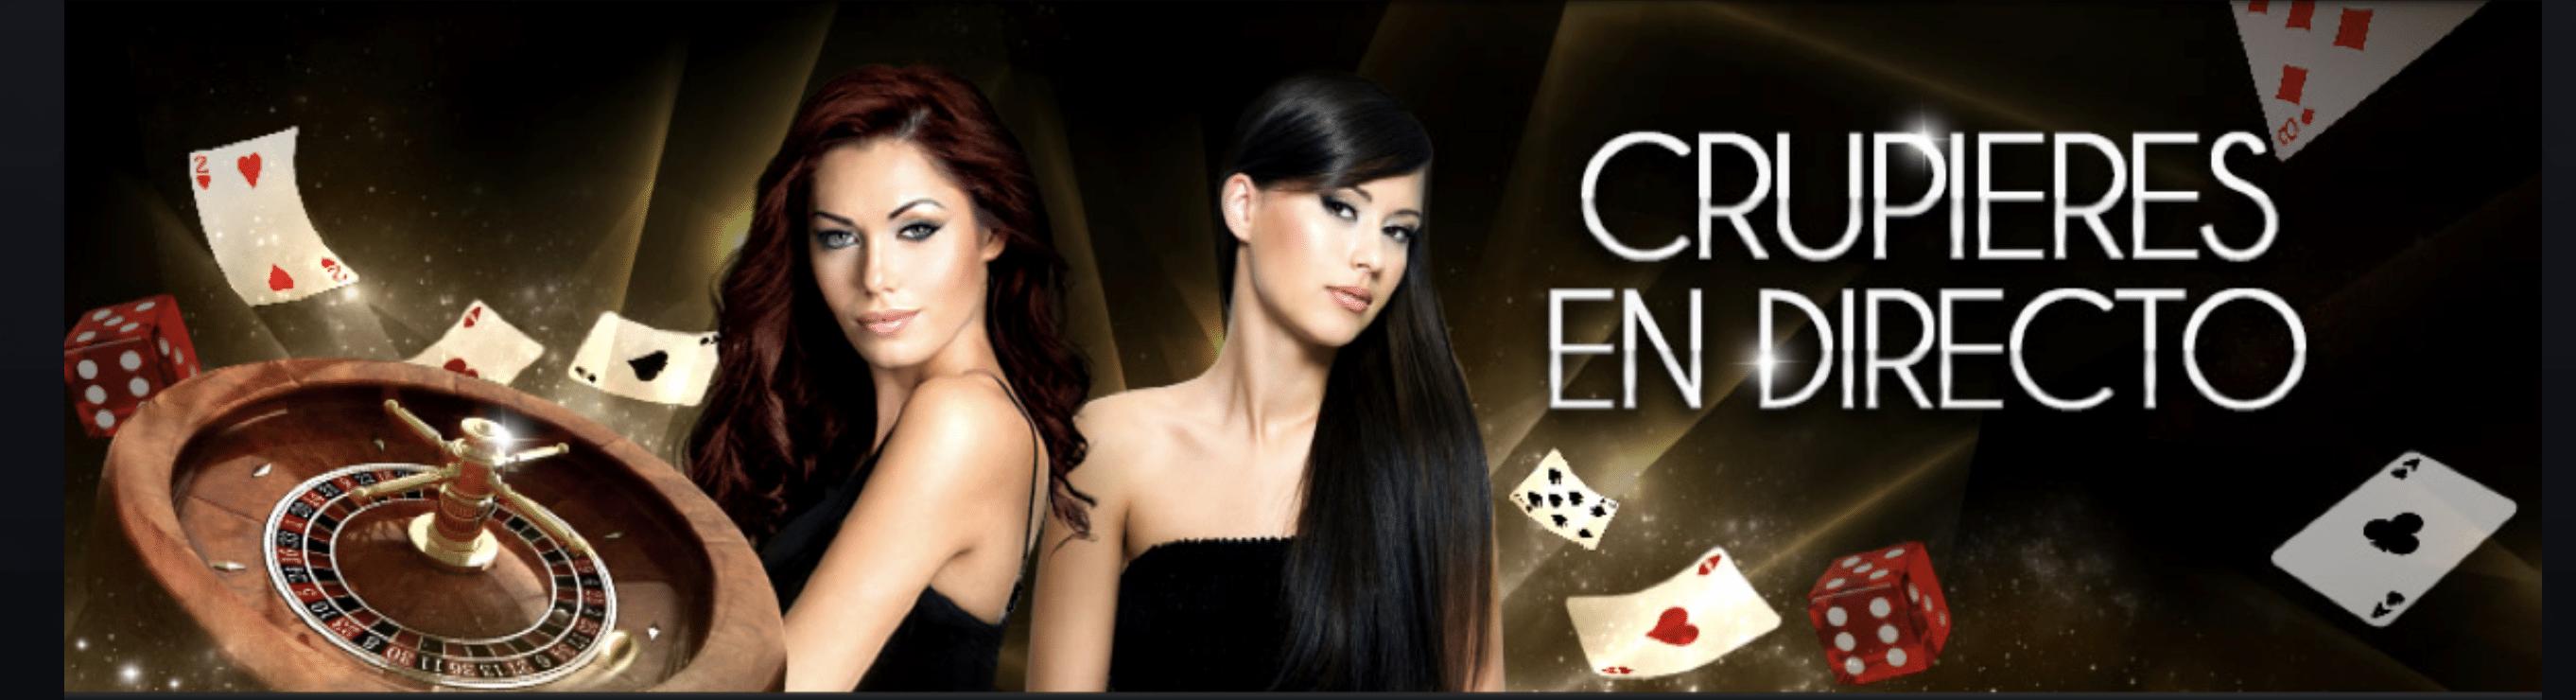 Play 888 casino casas de apuestas legales en Nicaragua-825079